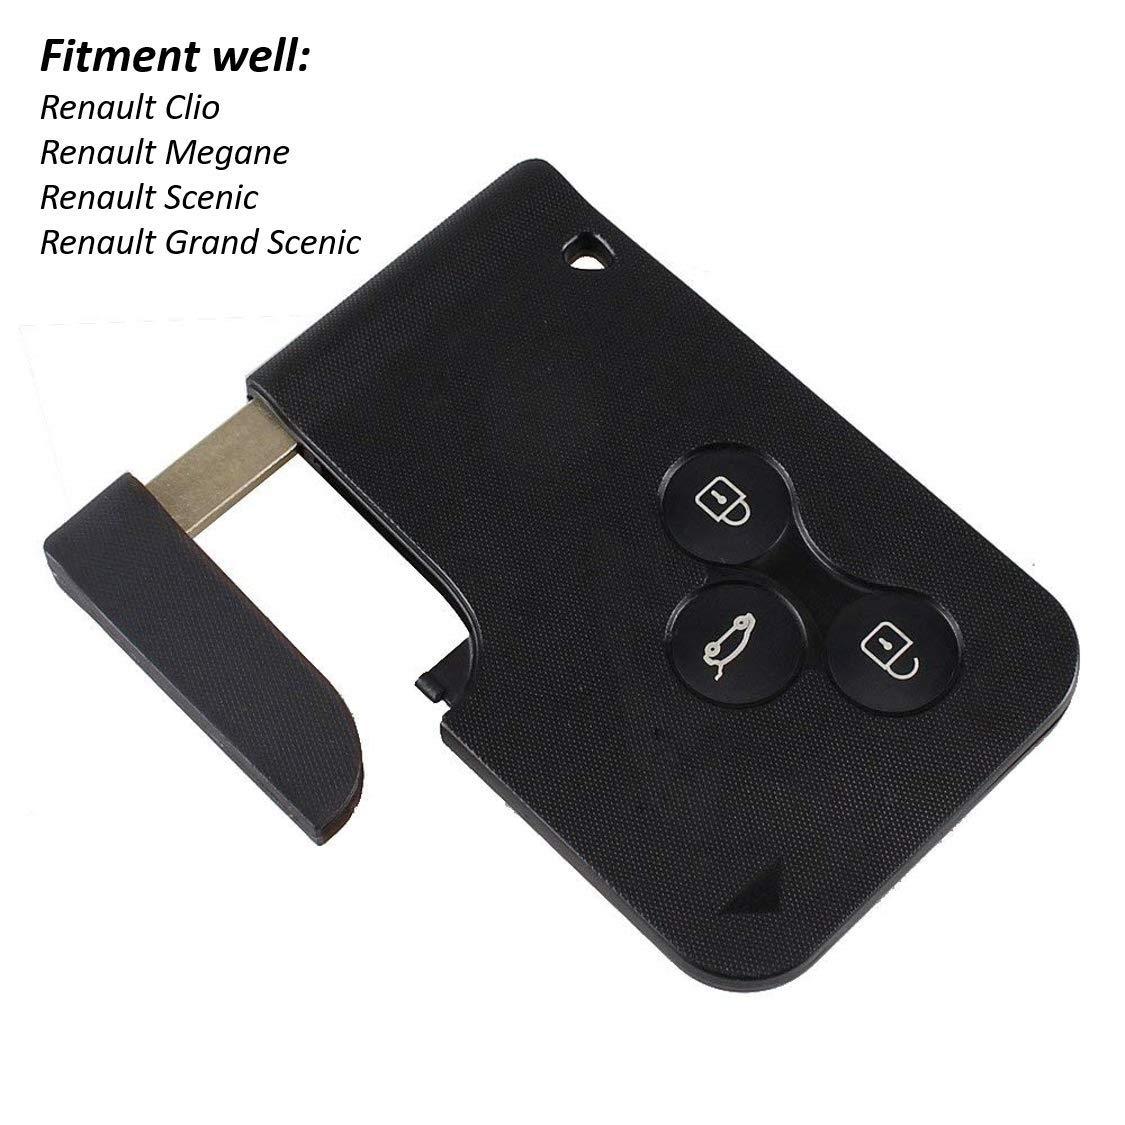 Remote Key Case Fob cubre el reemplazo de tarjeta llave de 3 botones Scenic Gran Key